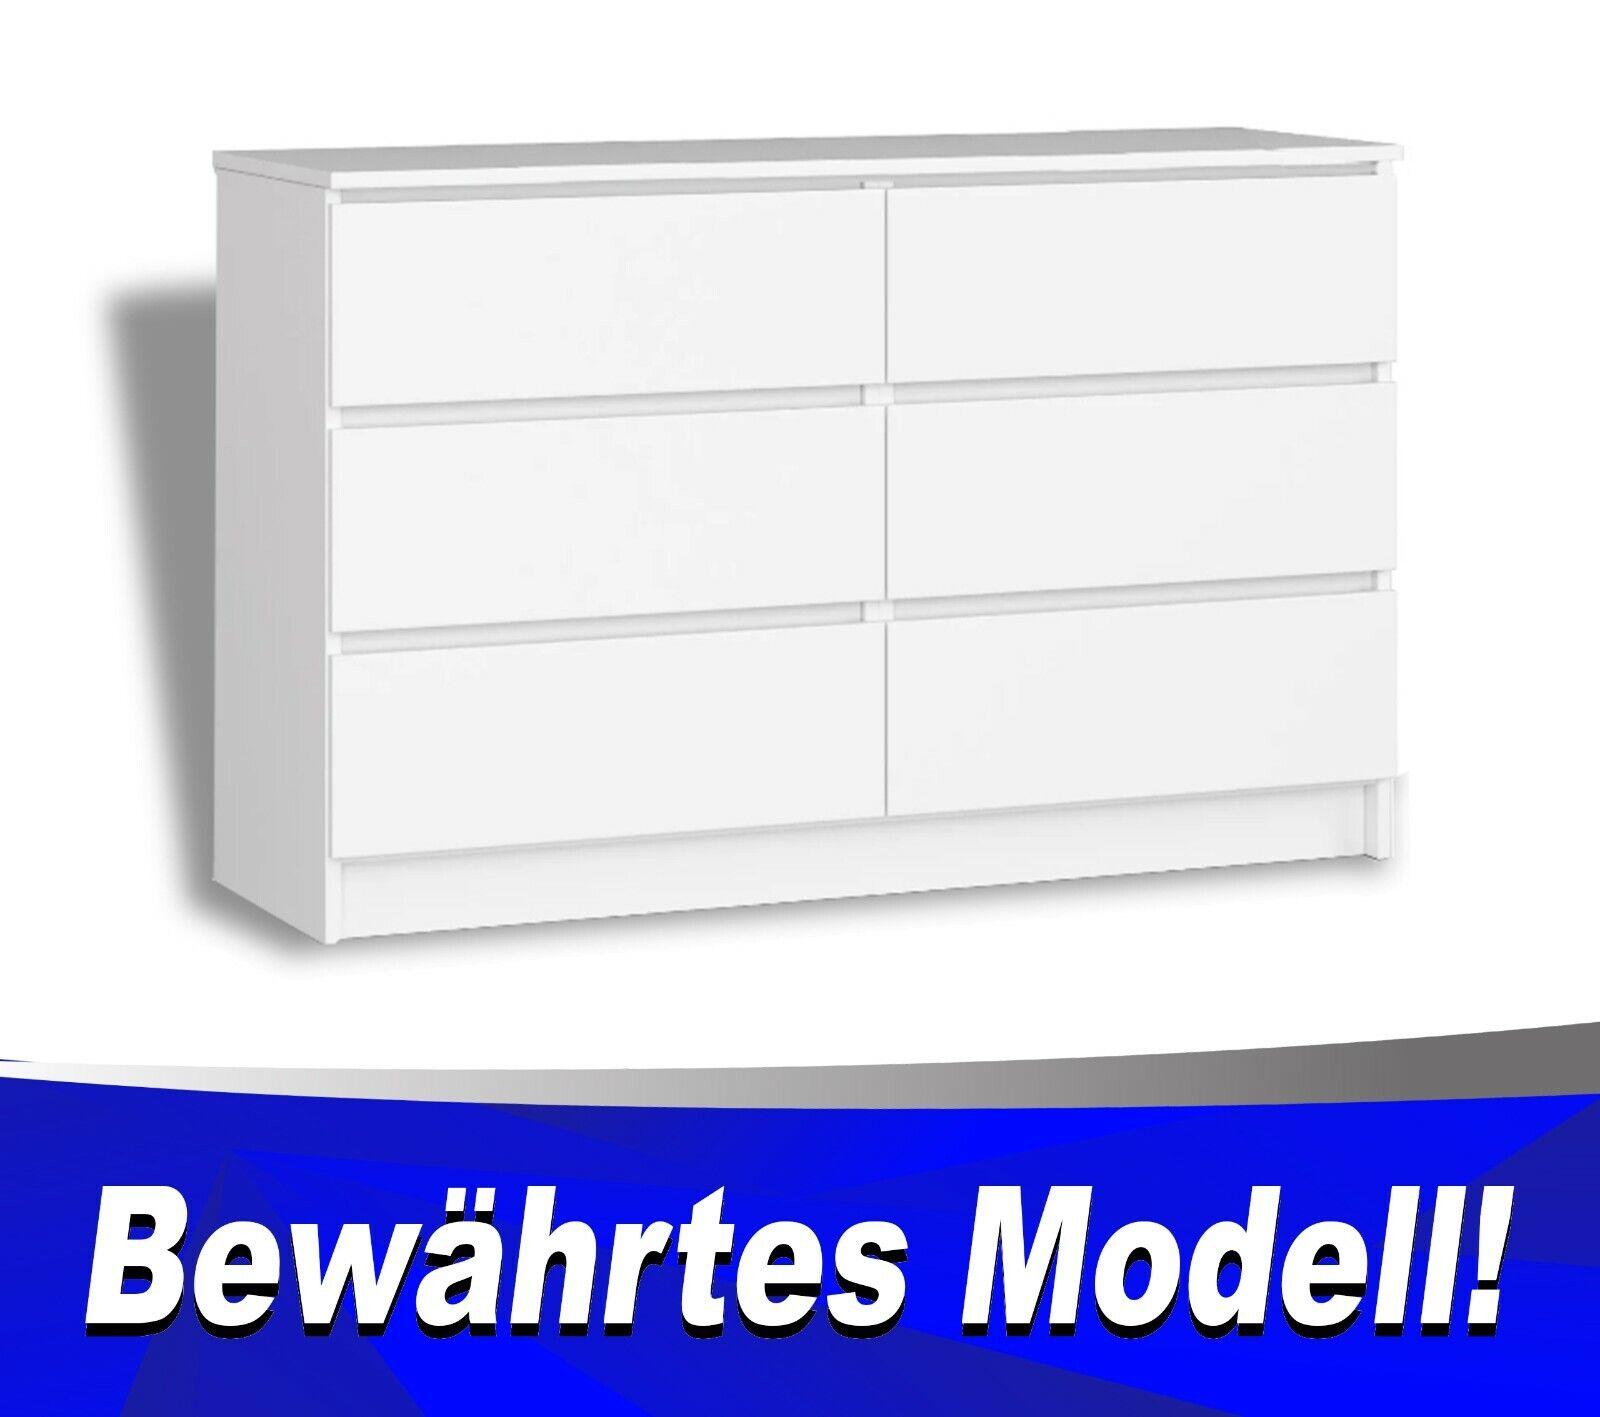 Kommode mit 6 Schubladen weiß, Kommode für Büro, Schlafzimmer. Geprüftes Produkt